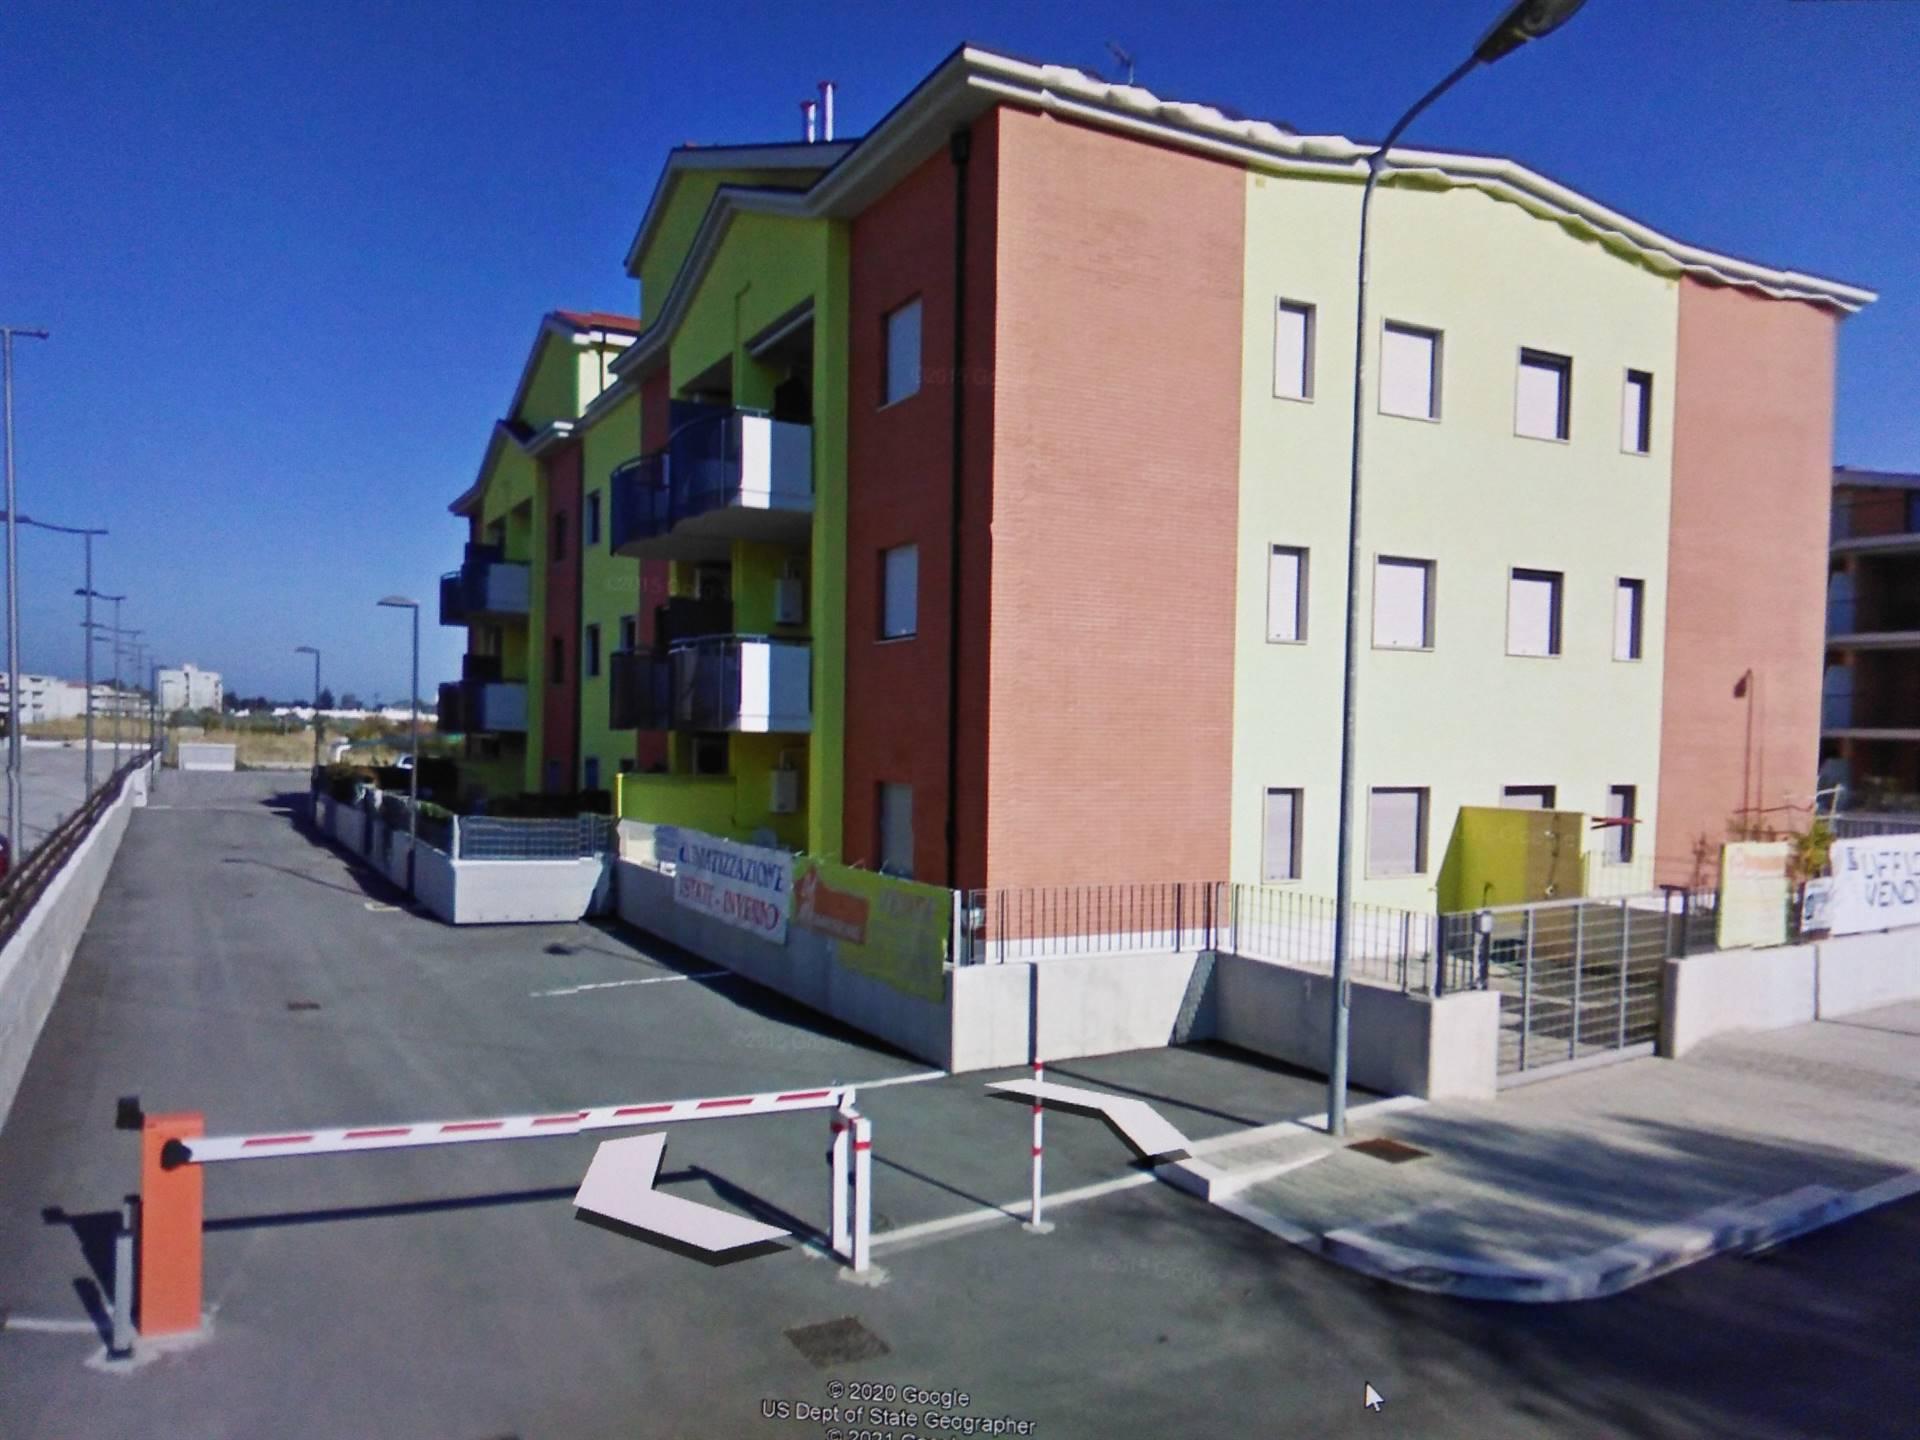 Appartamento in vendita a Campomarino, 3 locali, zona Zona: Lido di Campomarino, prezzo € 105.000   CambioCasa.it